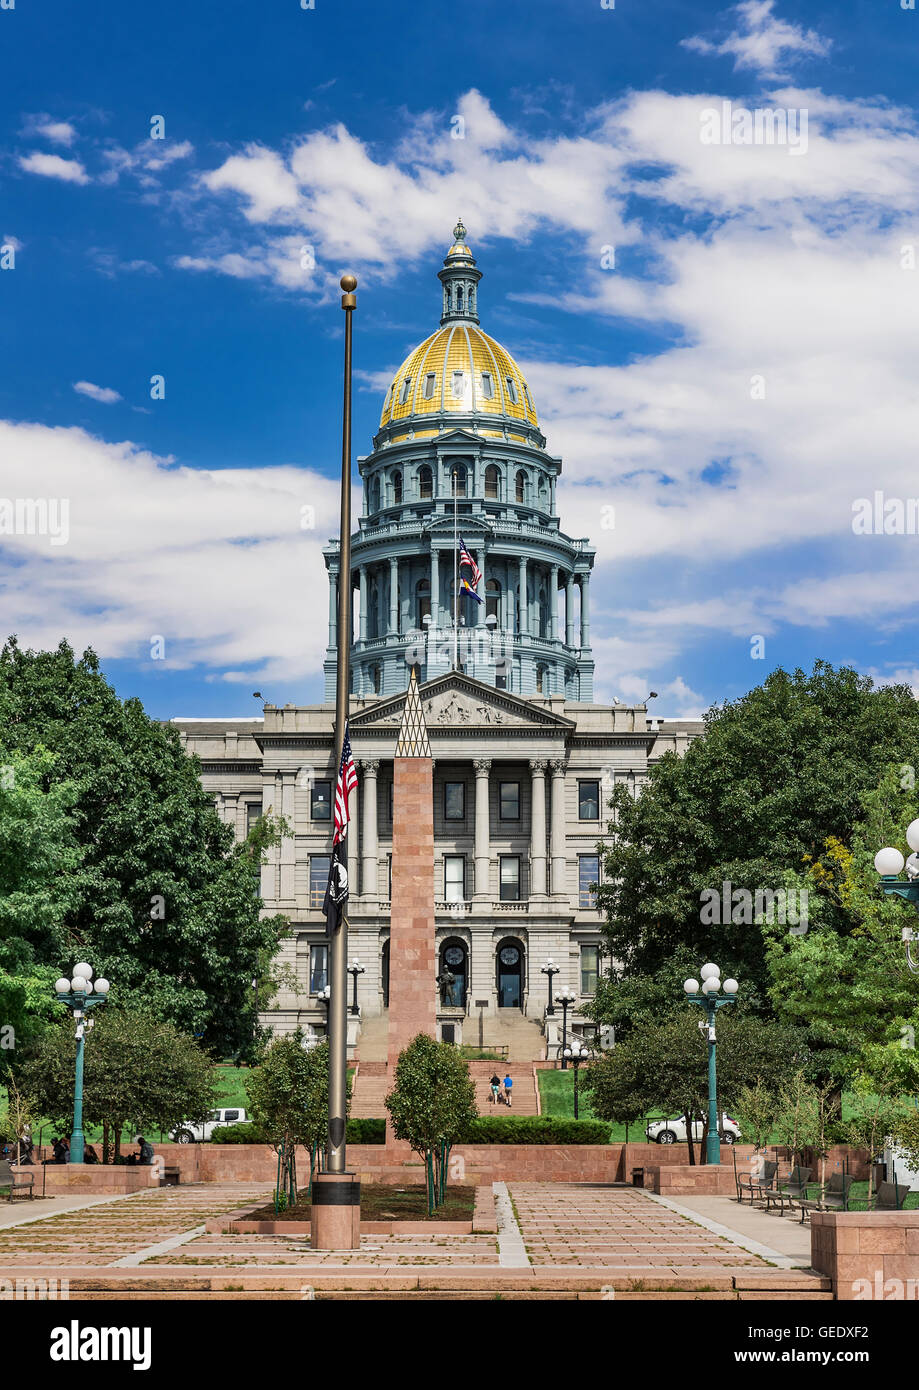 Capitolio del Estado de Colorado, en Denver, Colorado, EE.UU. Imagen De Stock